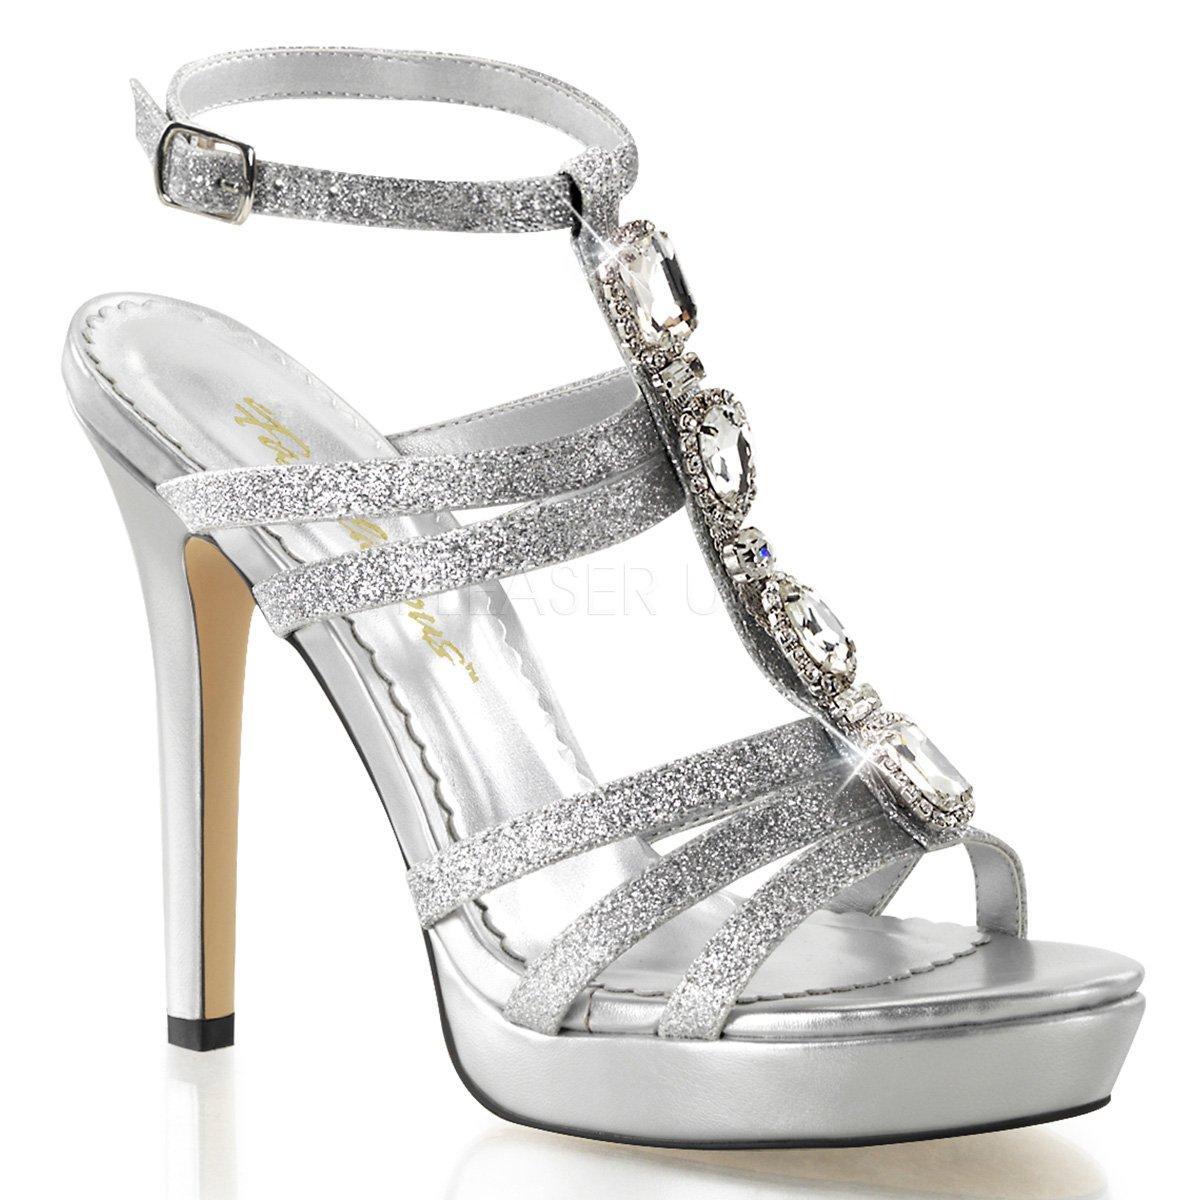 6475398b4c LUMINA-22 Stříbrné společenské páskové sandálky bohatě zdobené kameny